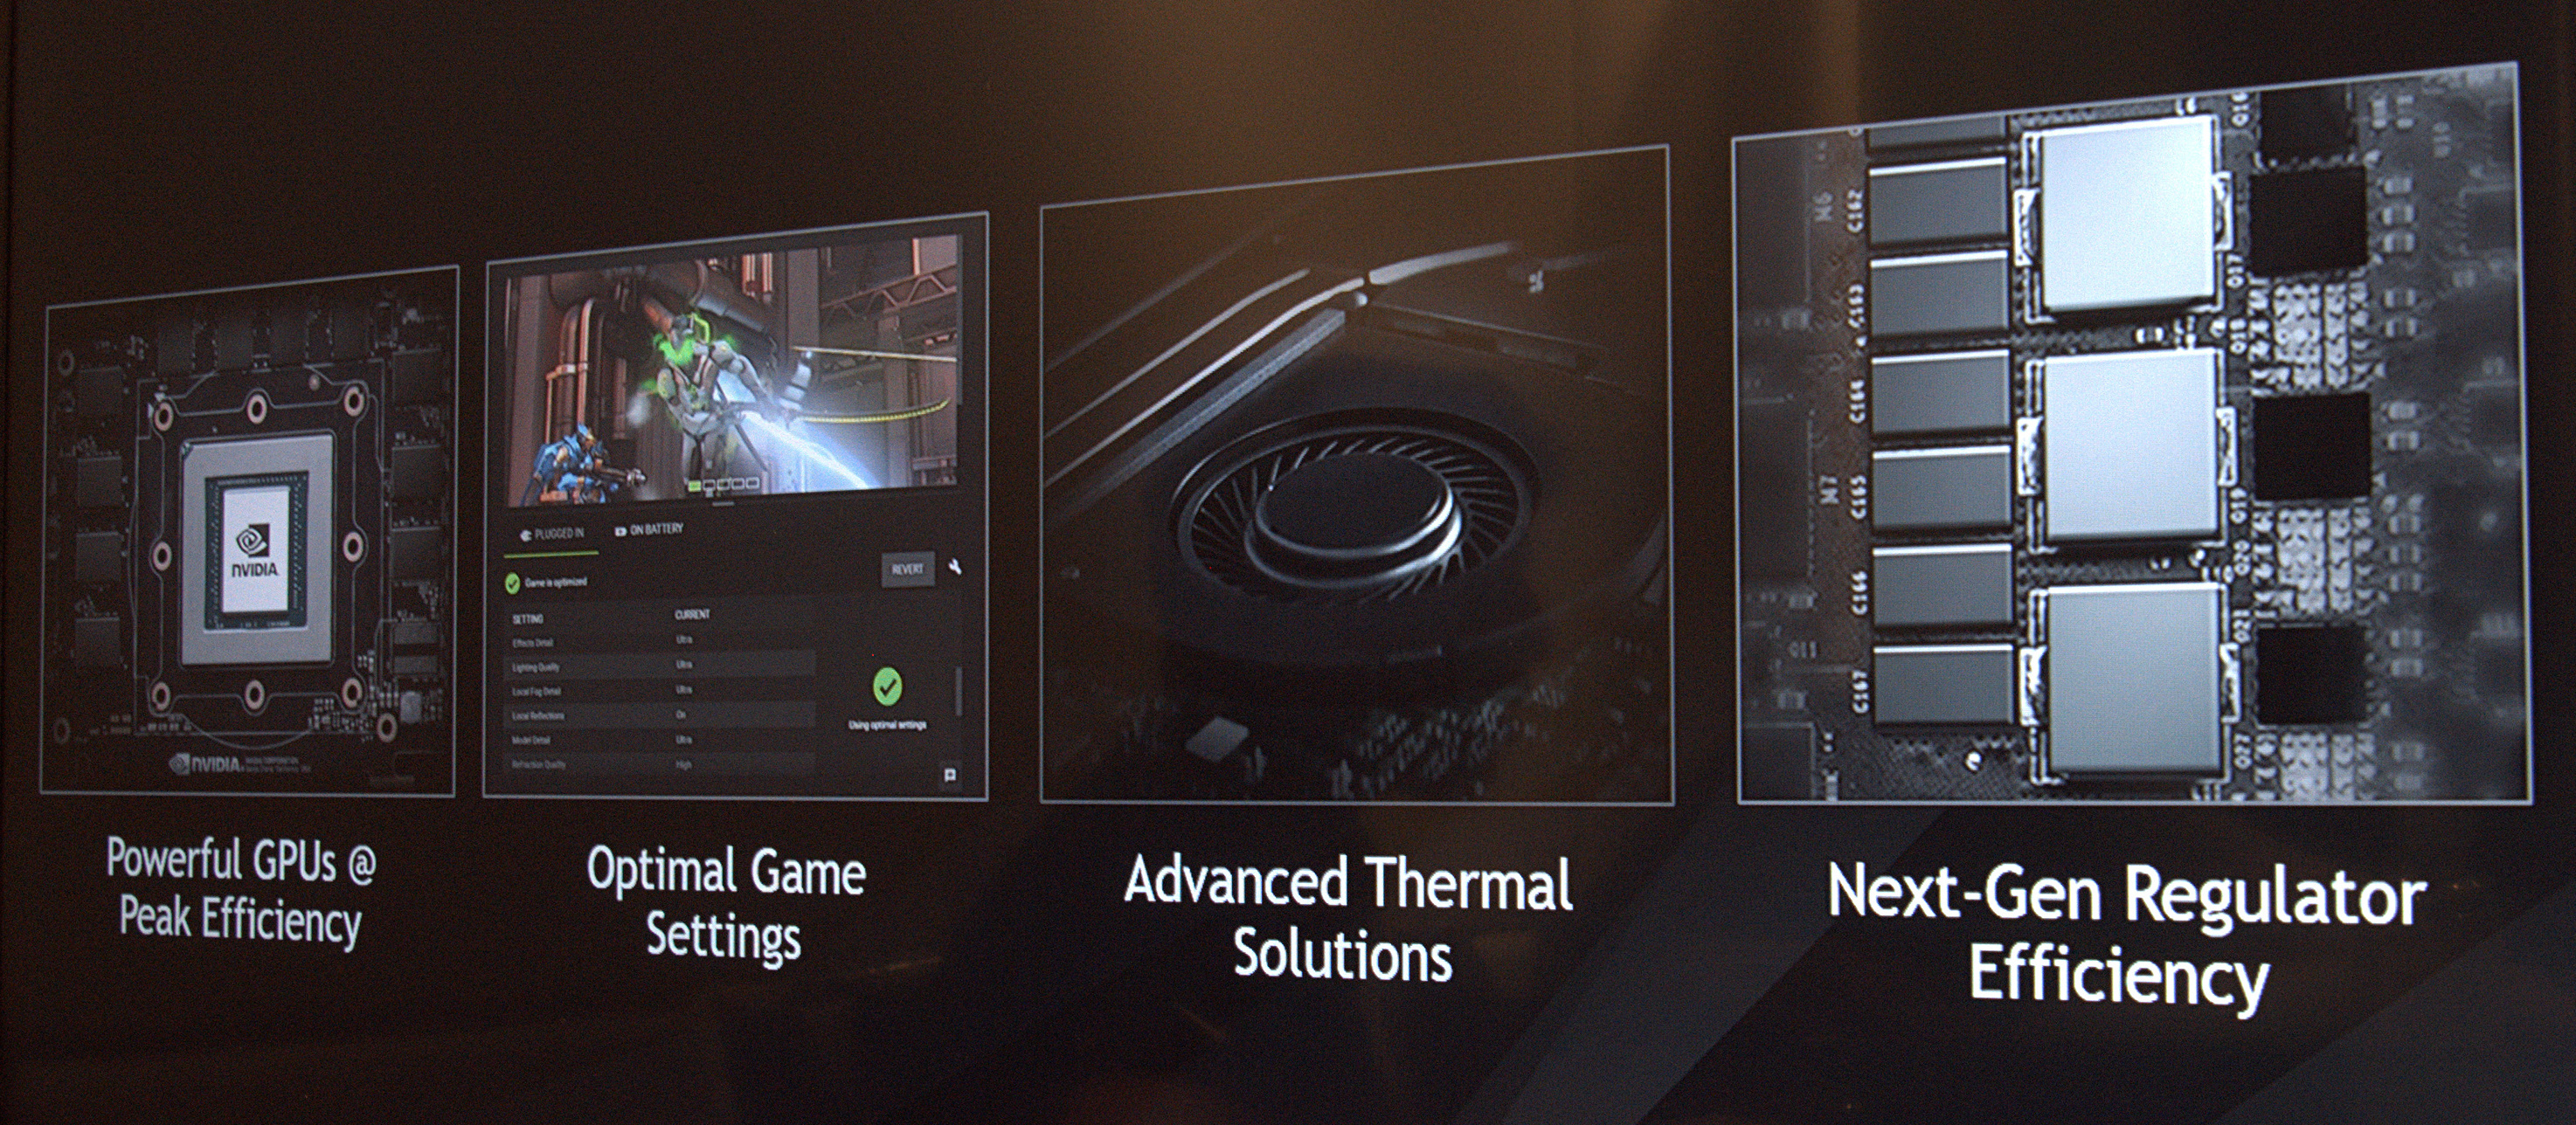 Nvidia: Max-Q und Whisper Mode machen Notebooks leiser - Max-Q umfasst Hard- und Software. (Foto: Marc Sauter/Golem.de)